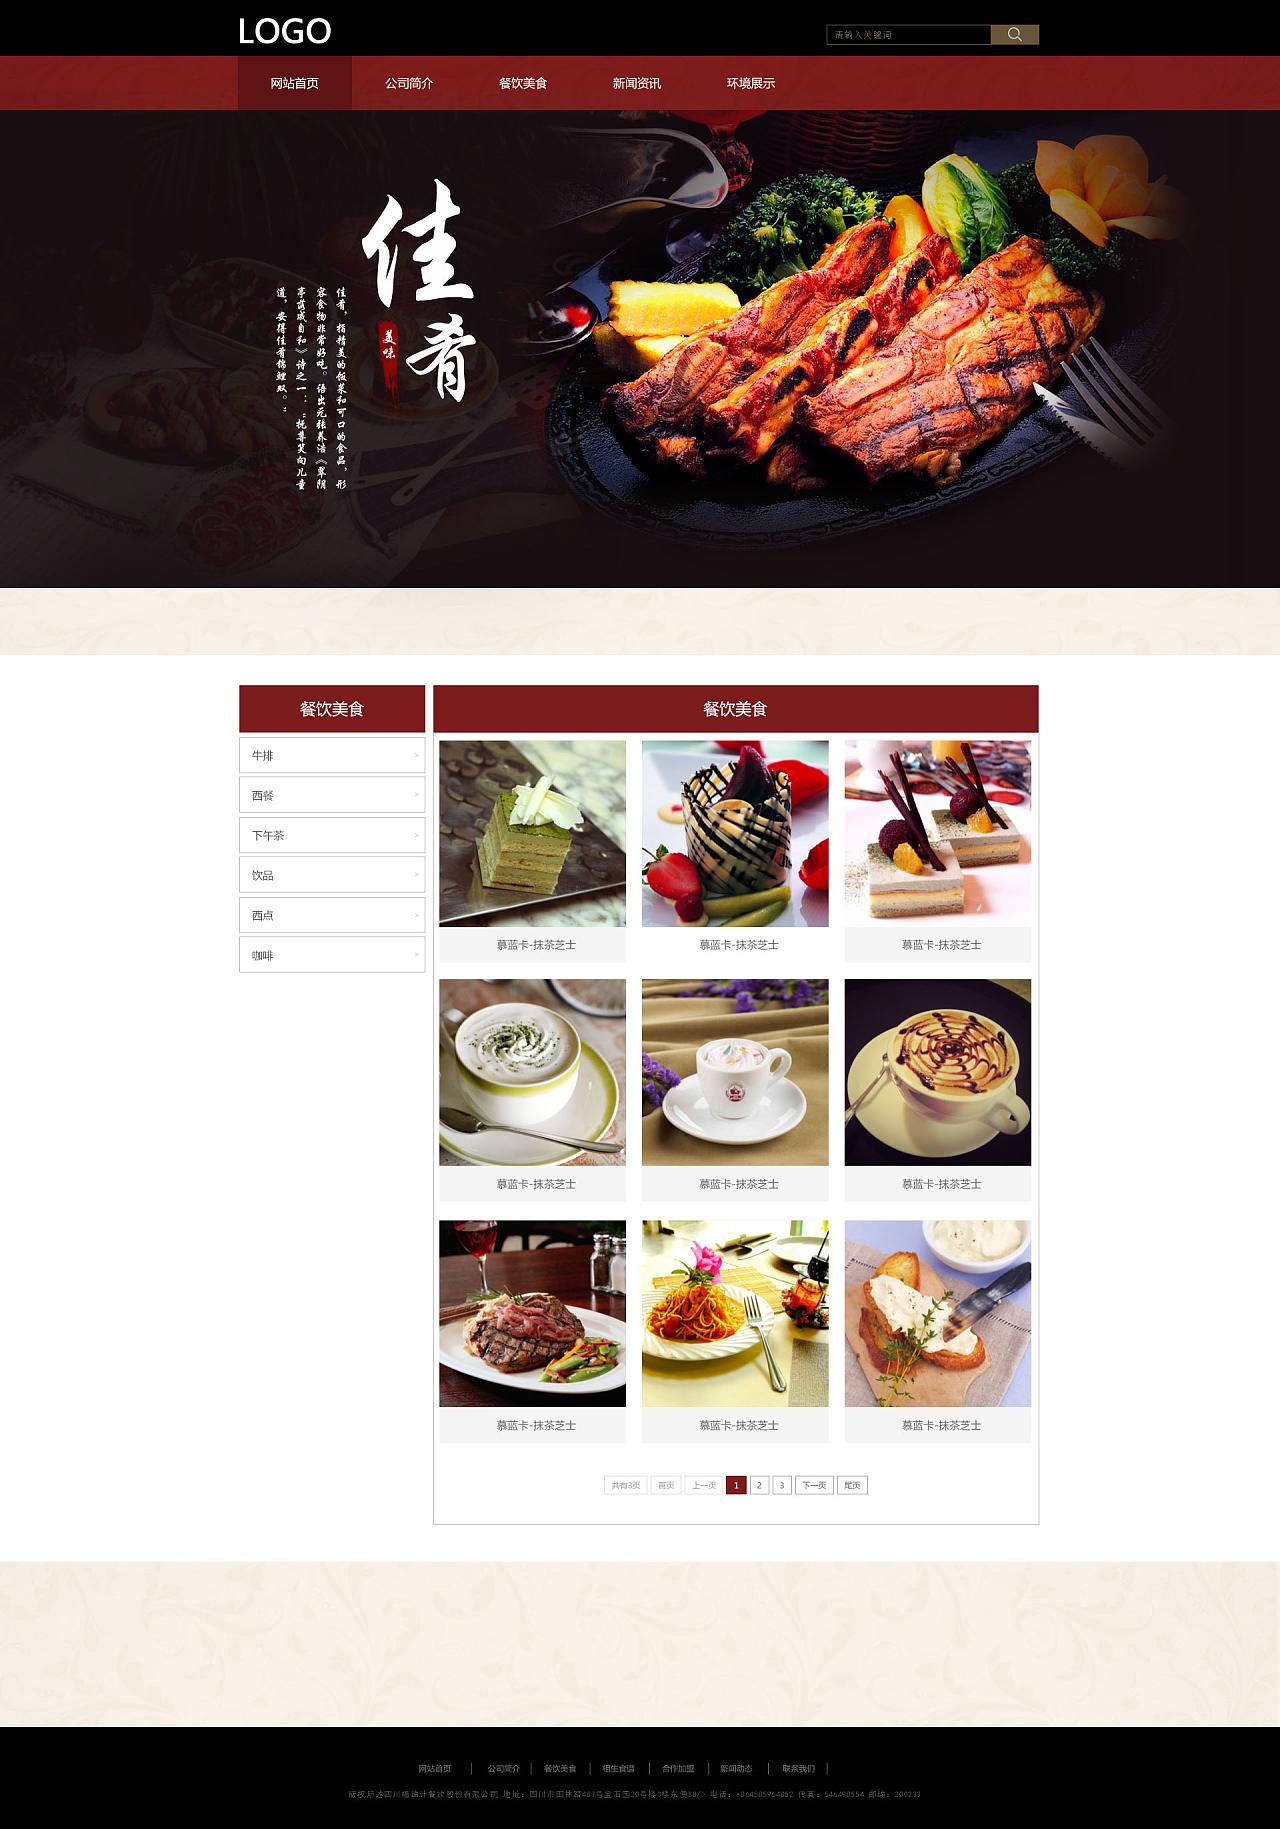 餐厅美食网站图片